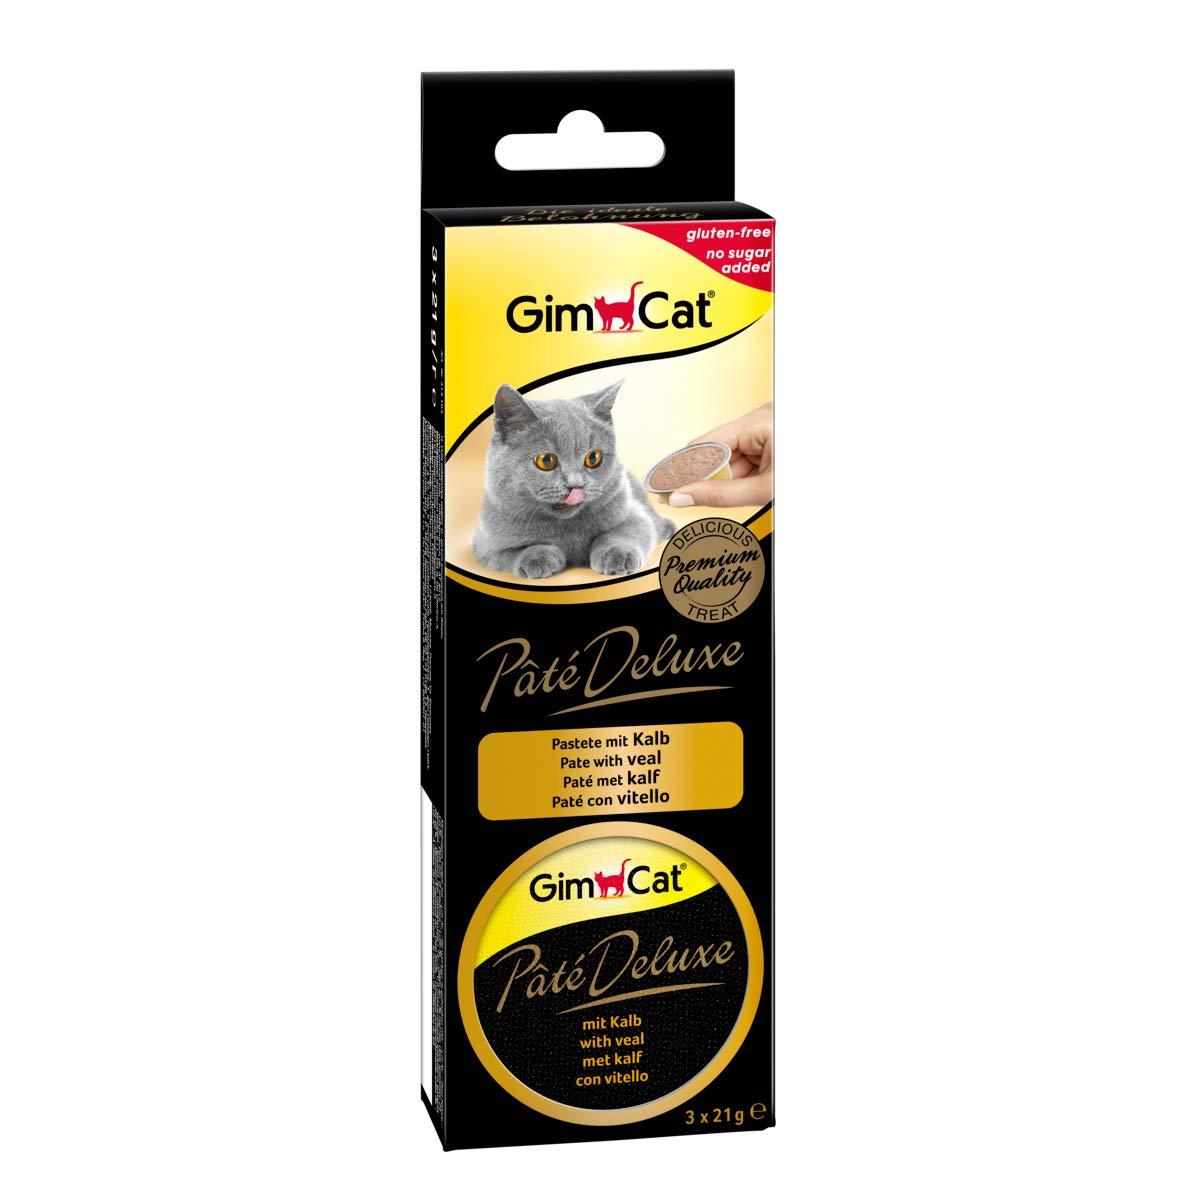 GimCat Pâté Deluxe, Delicious pâté cat food 8 packs (24 servings) (Minimum order 4) £8.04 (+£4.49 Non Prime) @ Amazon